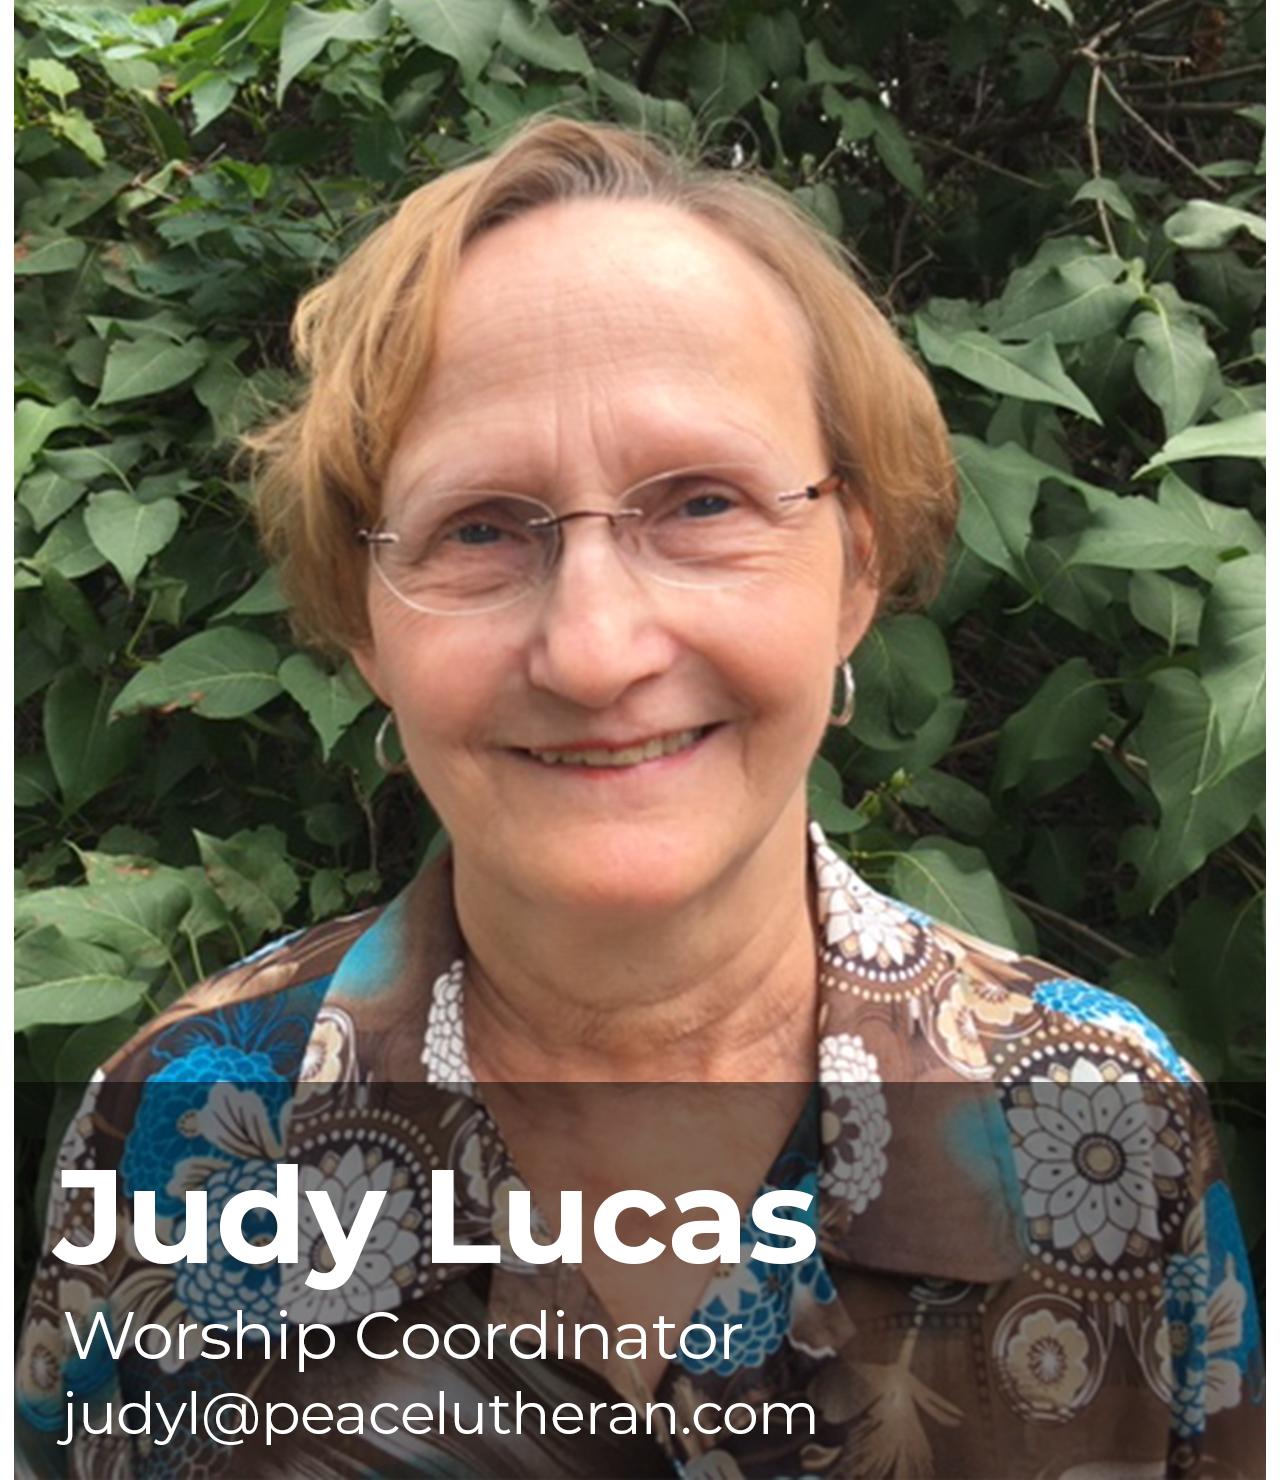 Judy Lucas